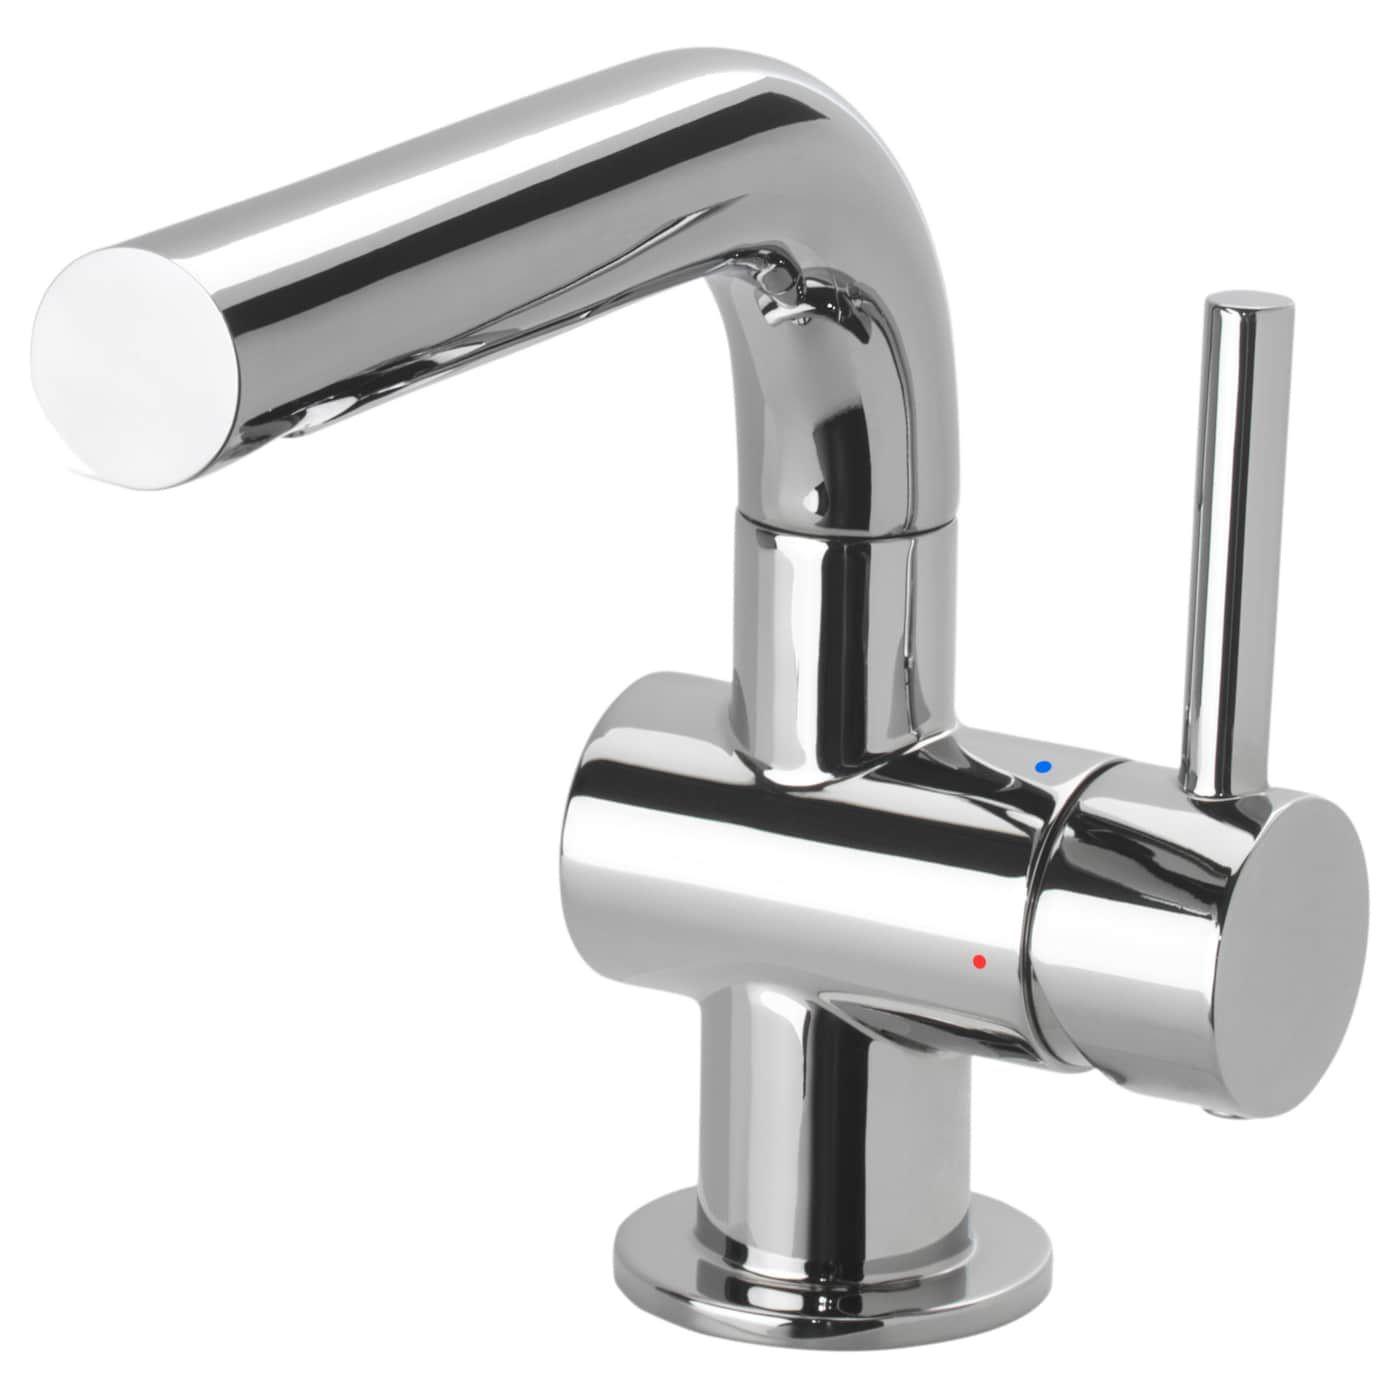 Ikea Nederland Interieur Online Bestellen Bathroom Faucets Chrome Bathroom Faucets Bath Faucet